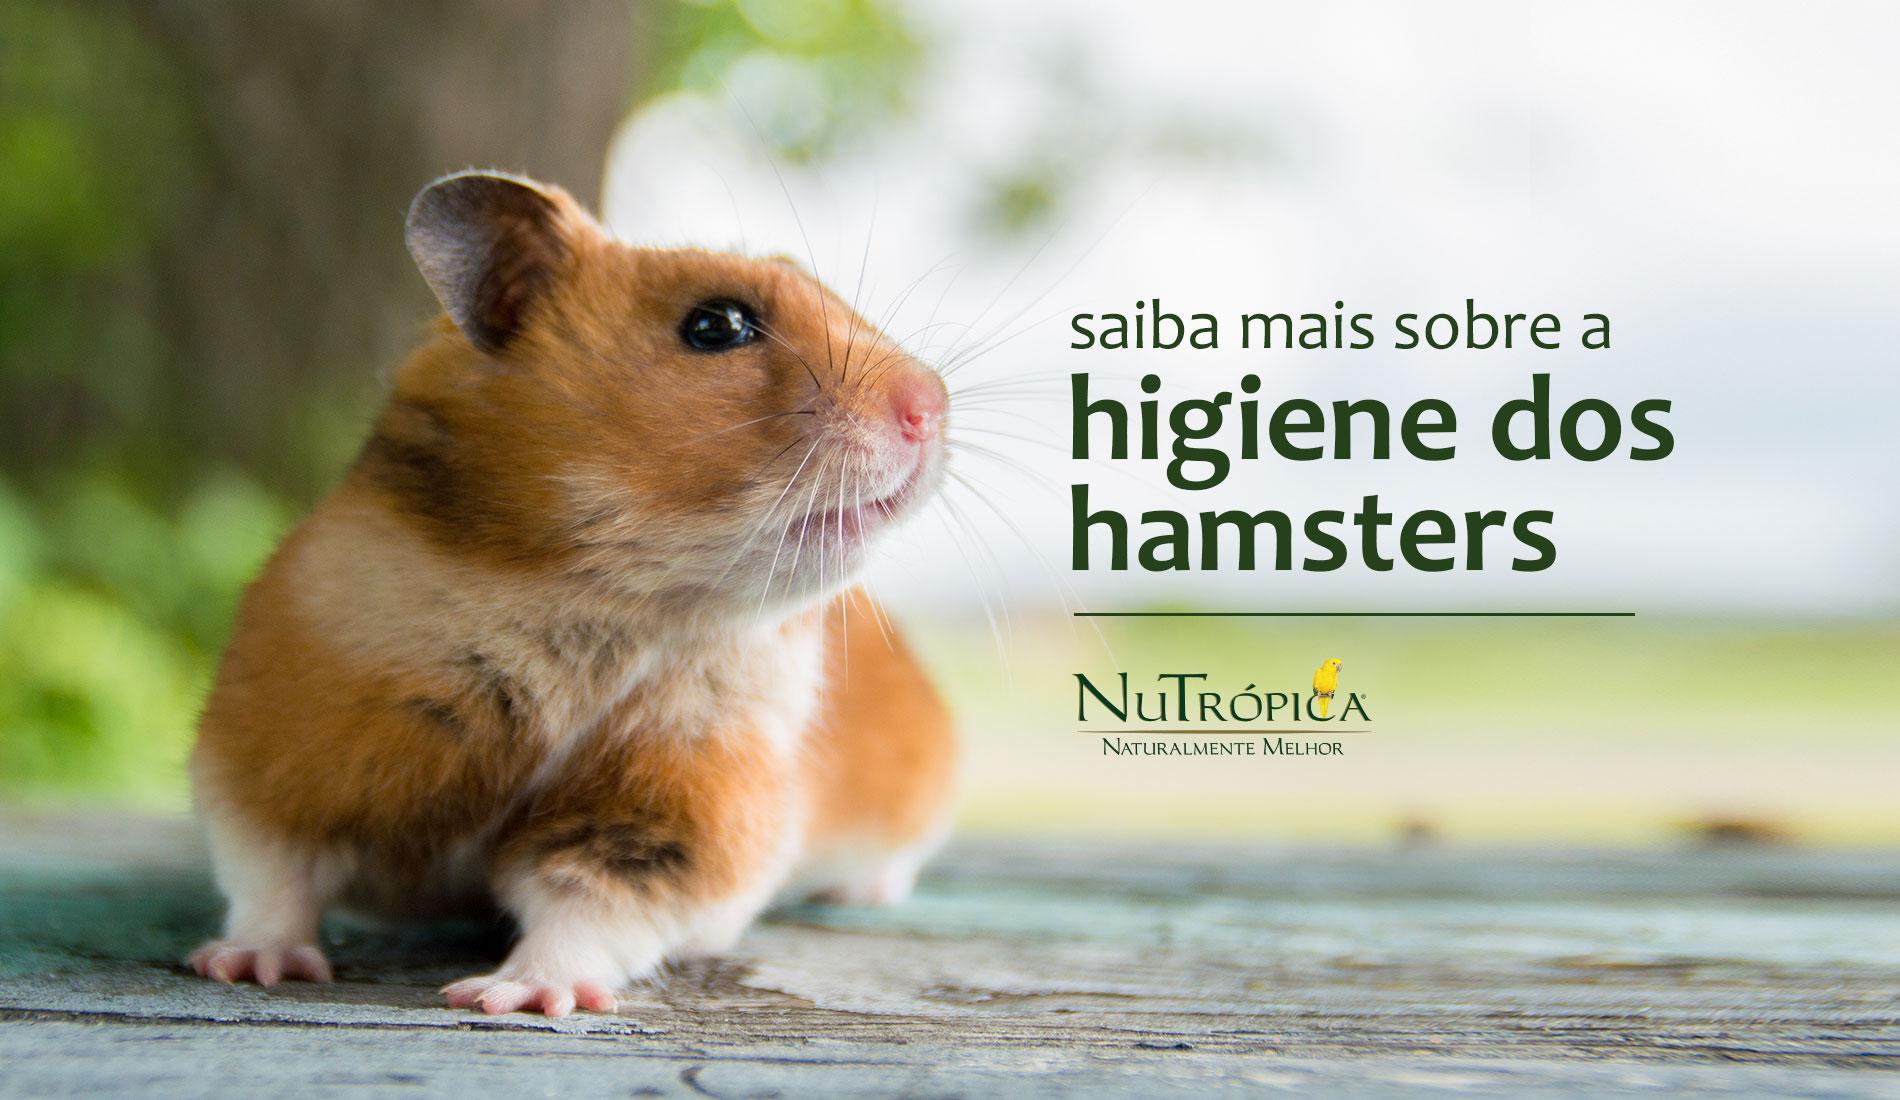 Saiba mais sobre como é a higiene dos hamsters